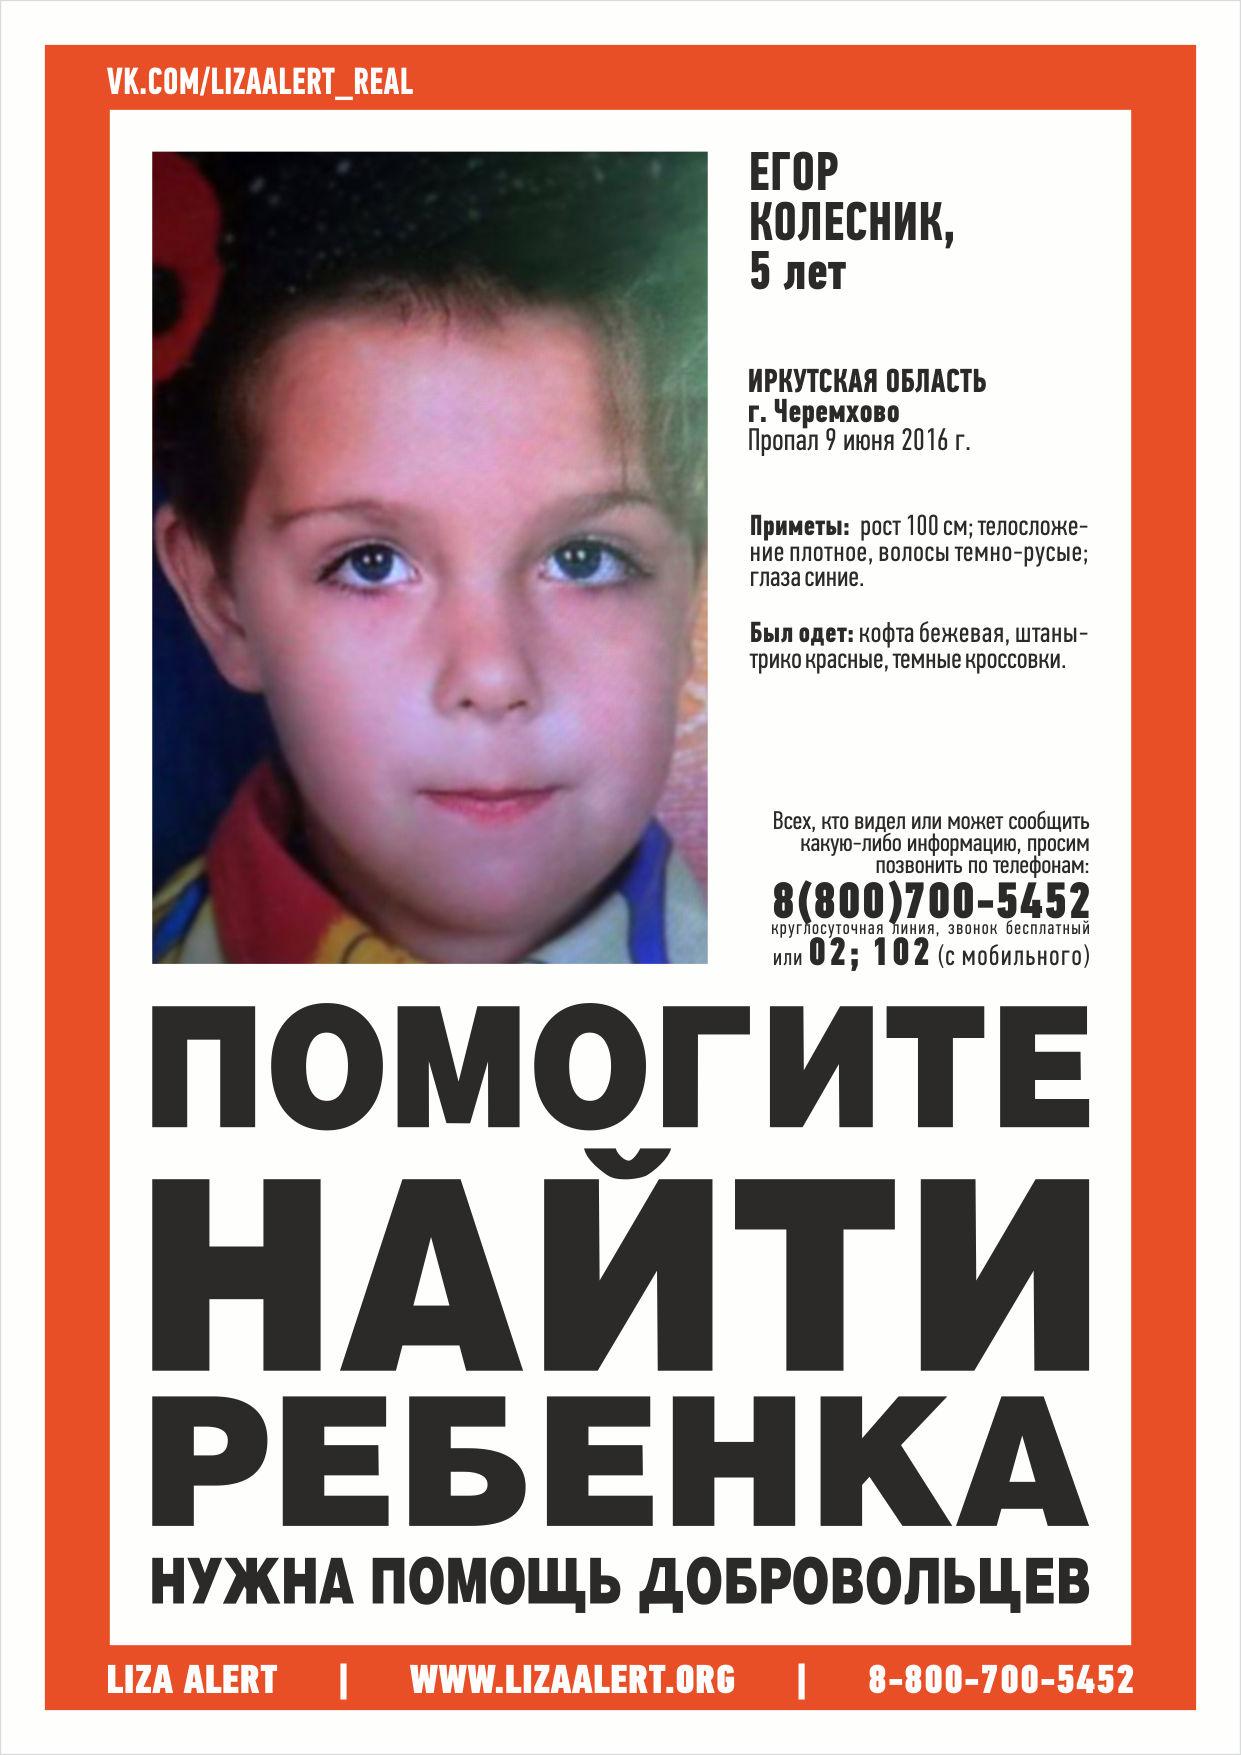 Пропал Колесник Егор, 2010г.р, Иркутская обл., г. Черемхово